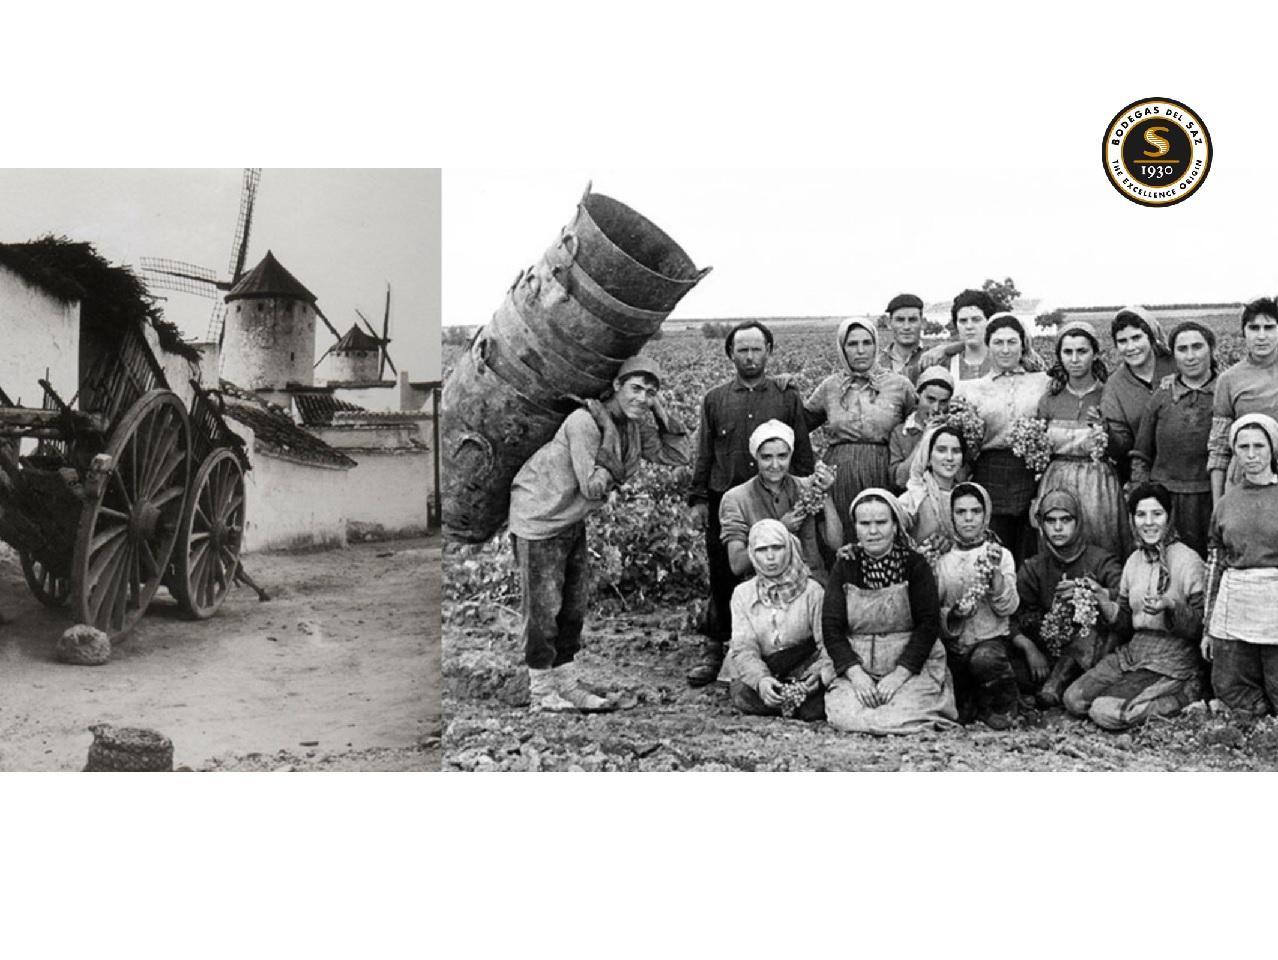 bodegasdelSAZ_history(1)